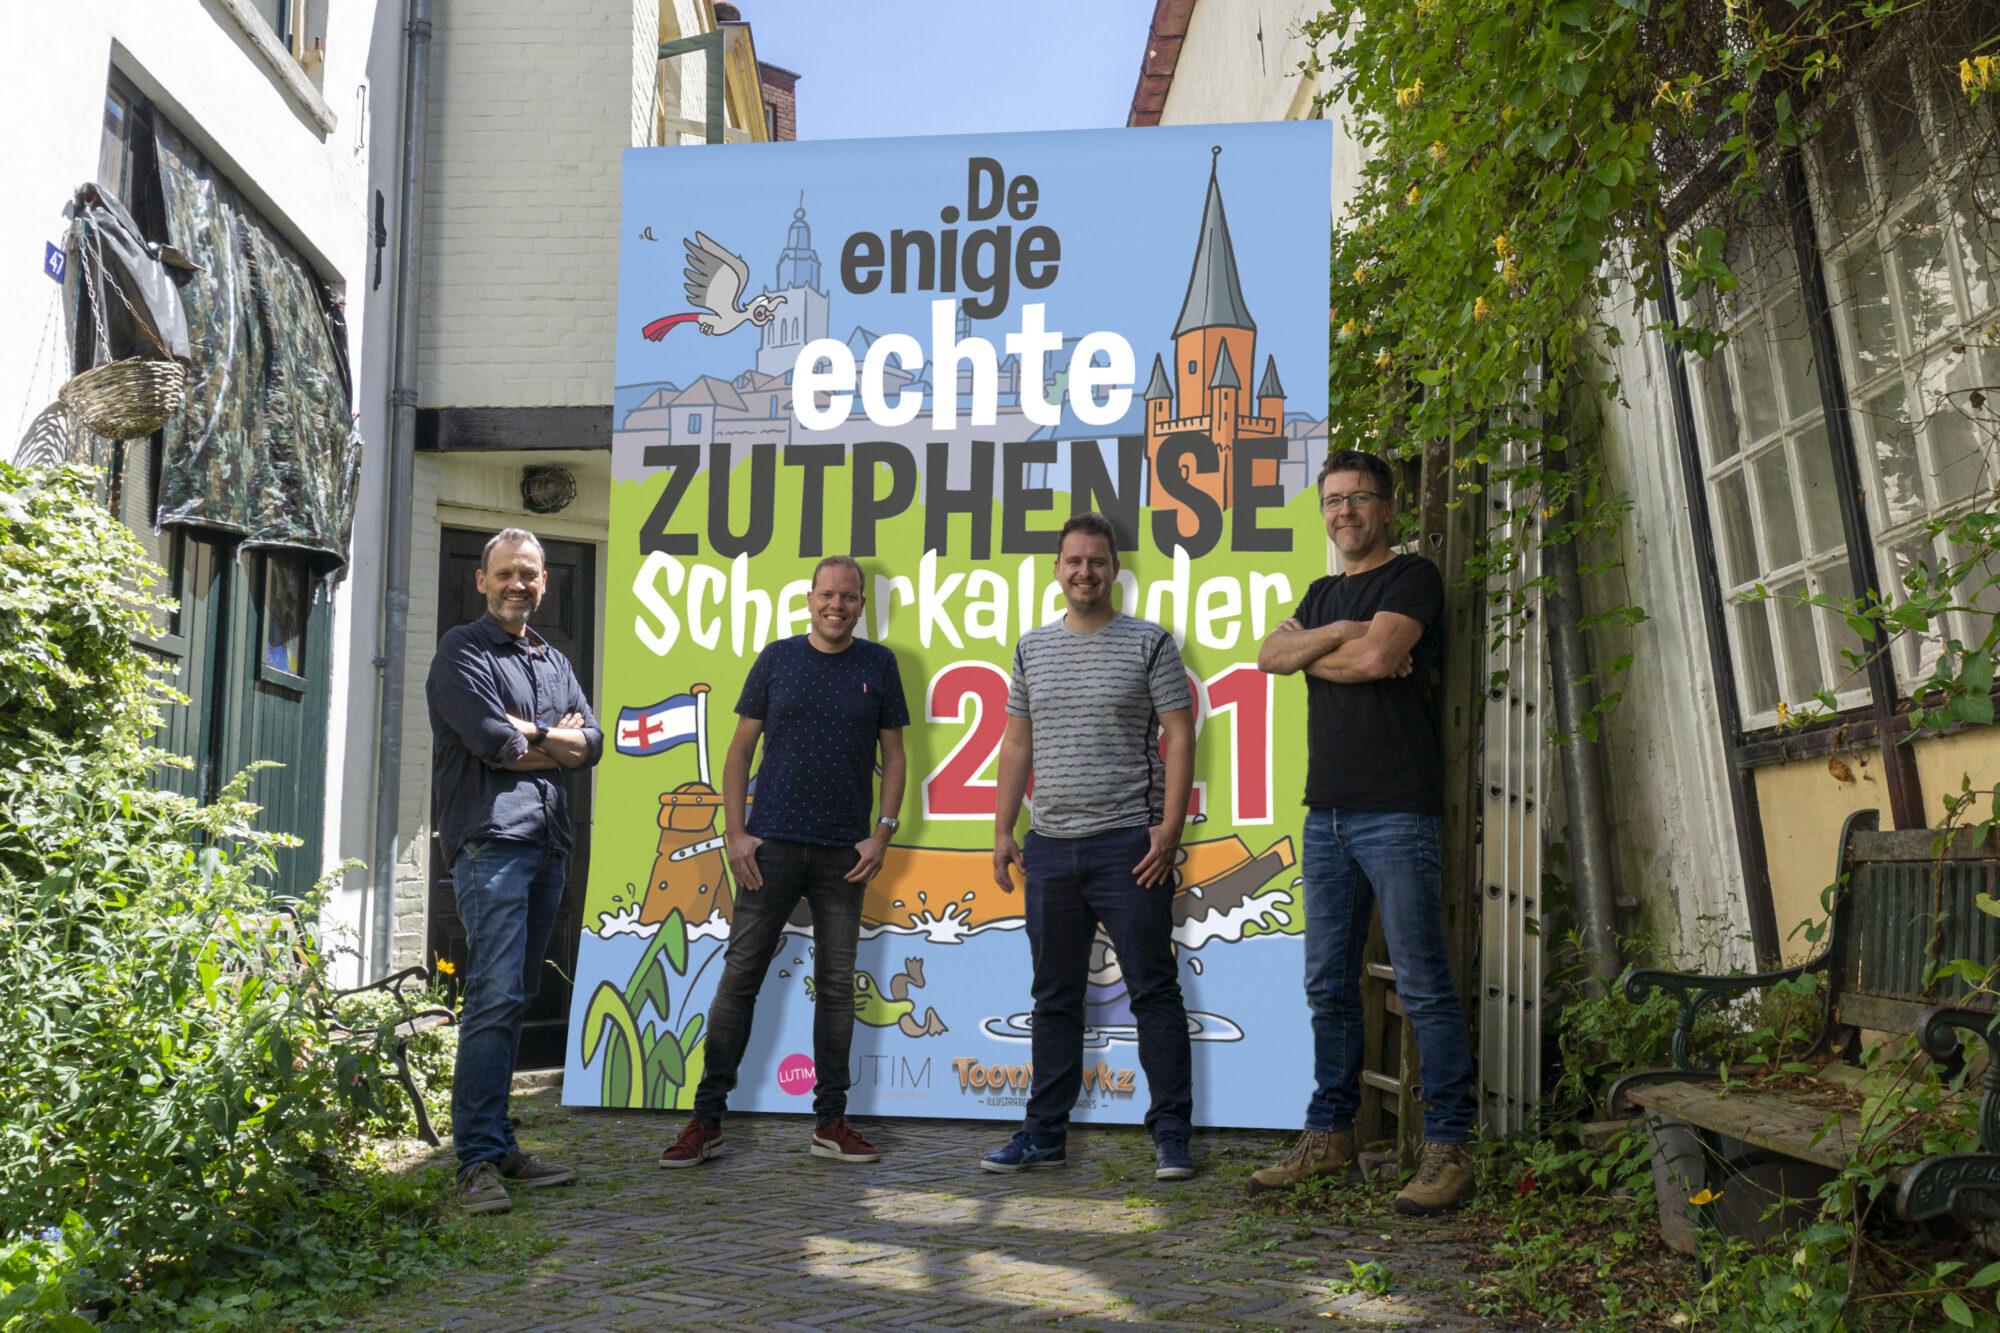 Scheurkalender meteen dé Canon van Zutphen